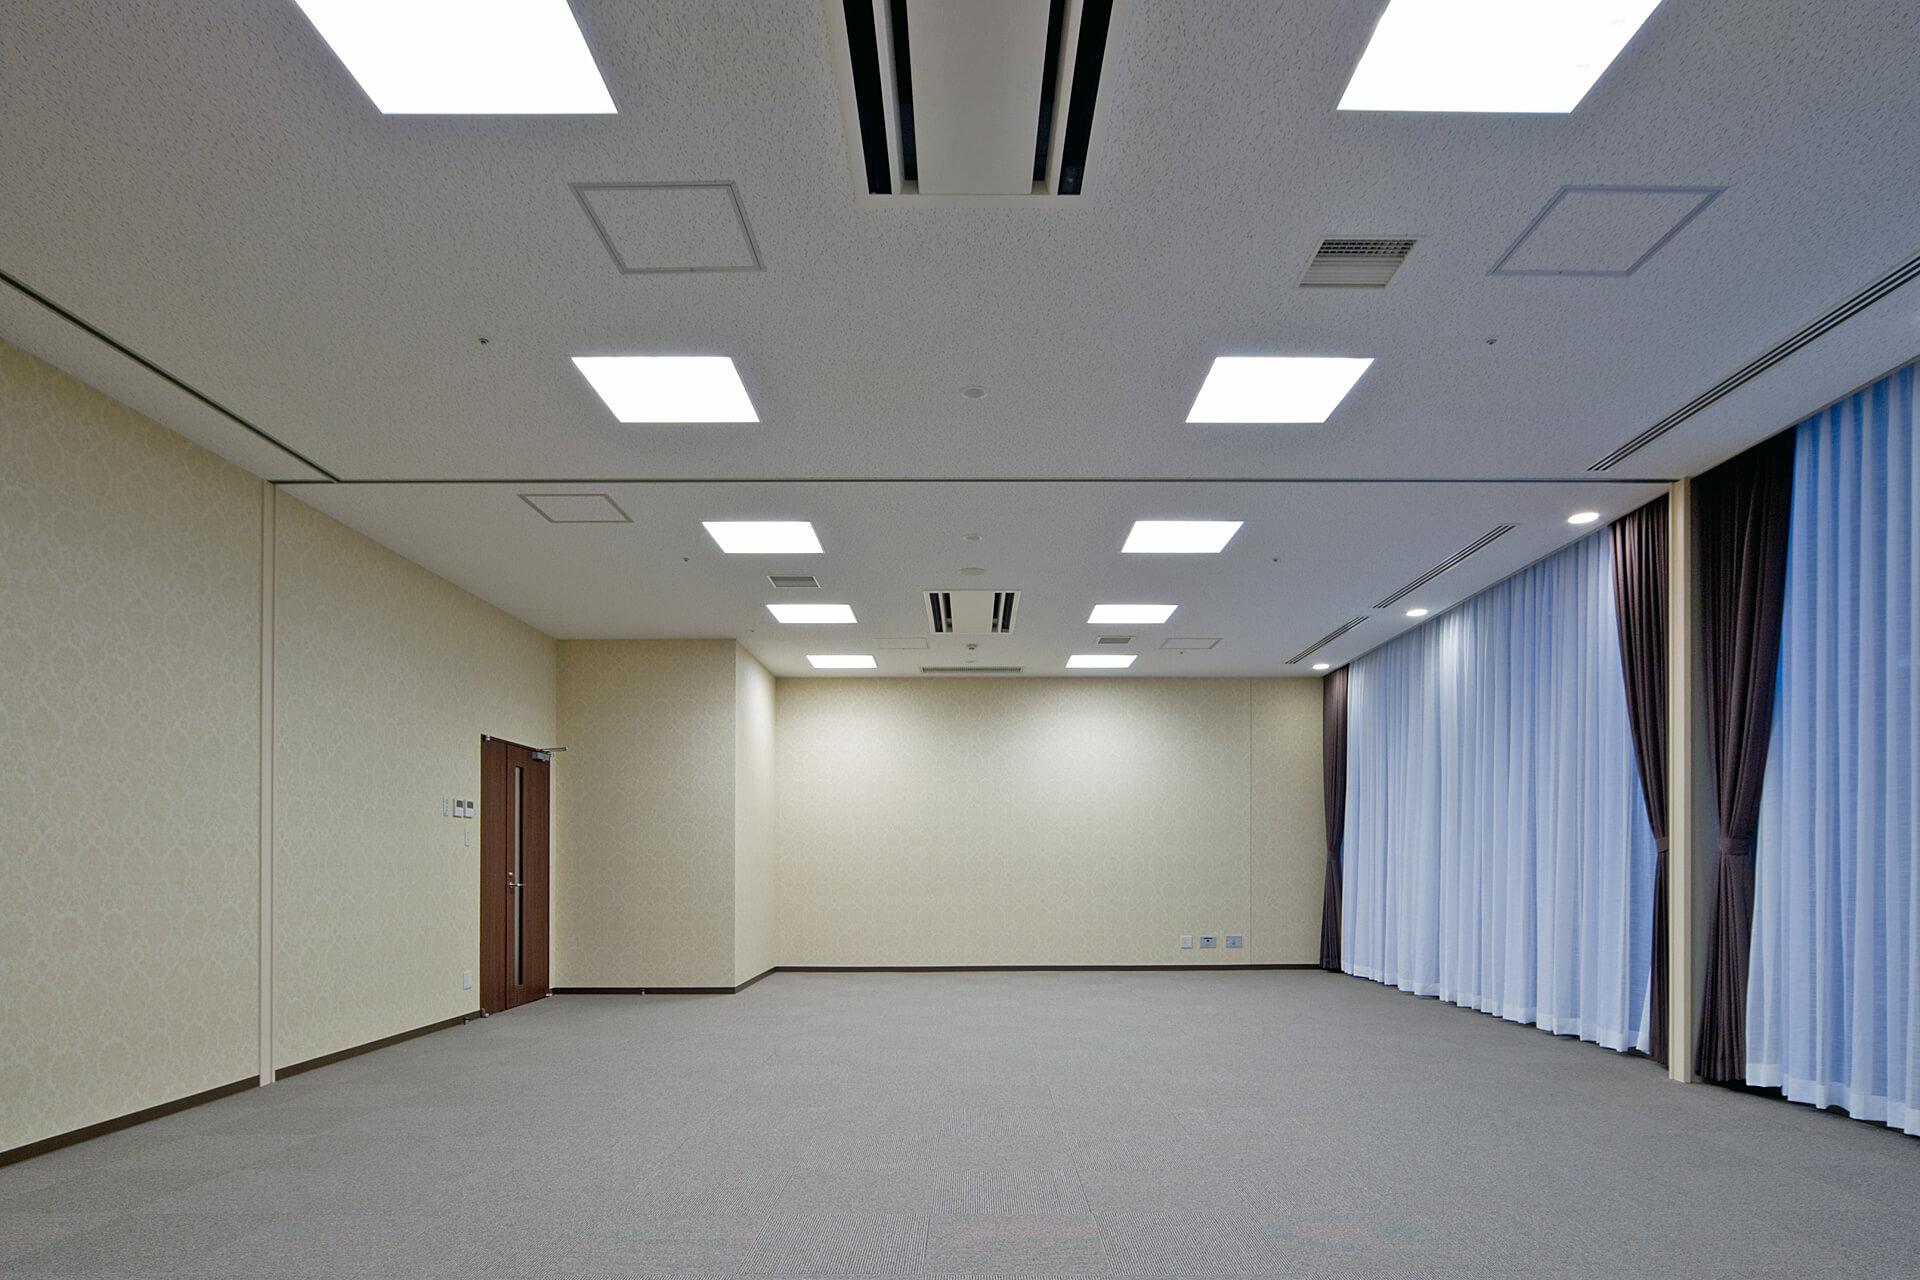 ご宴会&会議|宴会場のご案内ホテル金沢【公式】金沢のご宿泊ブライダル